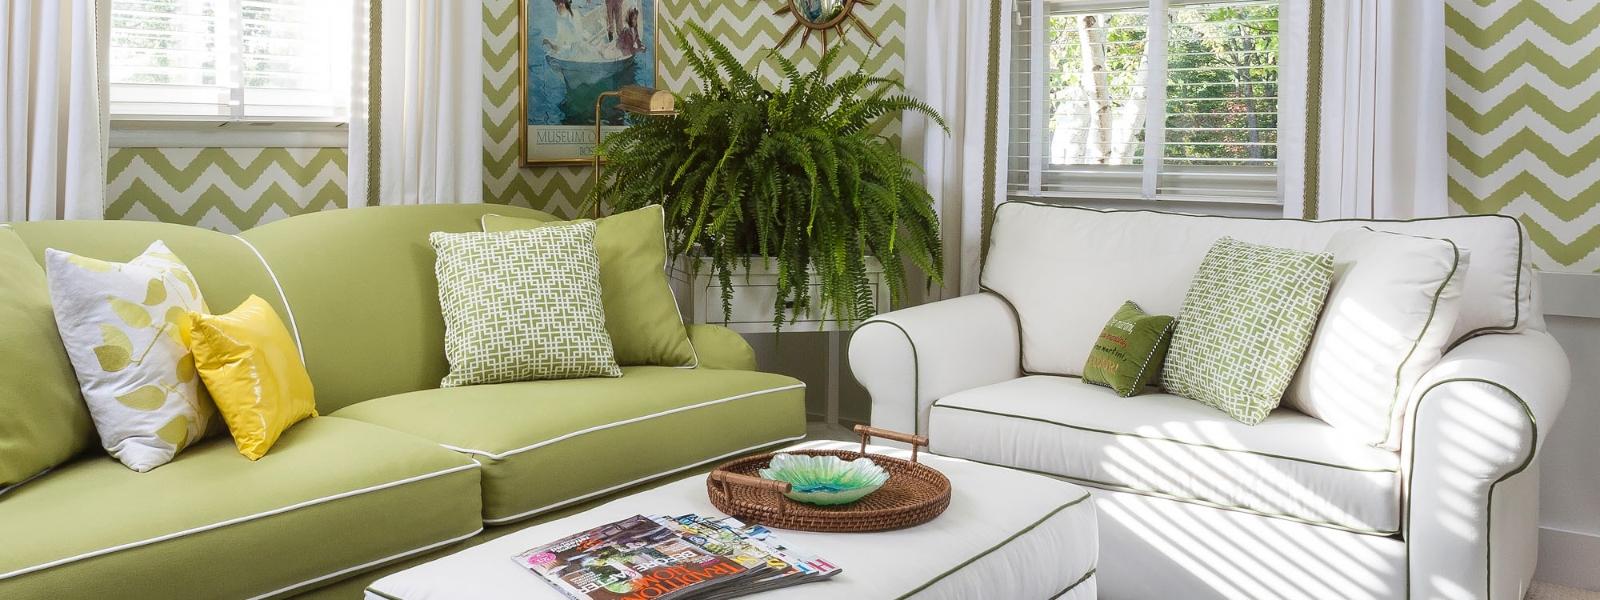 Decorating Den Interiors image 1